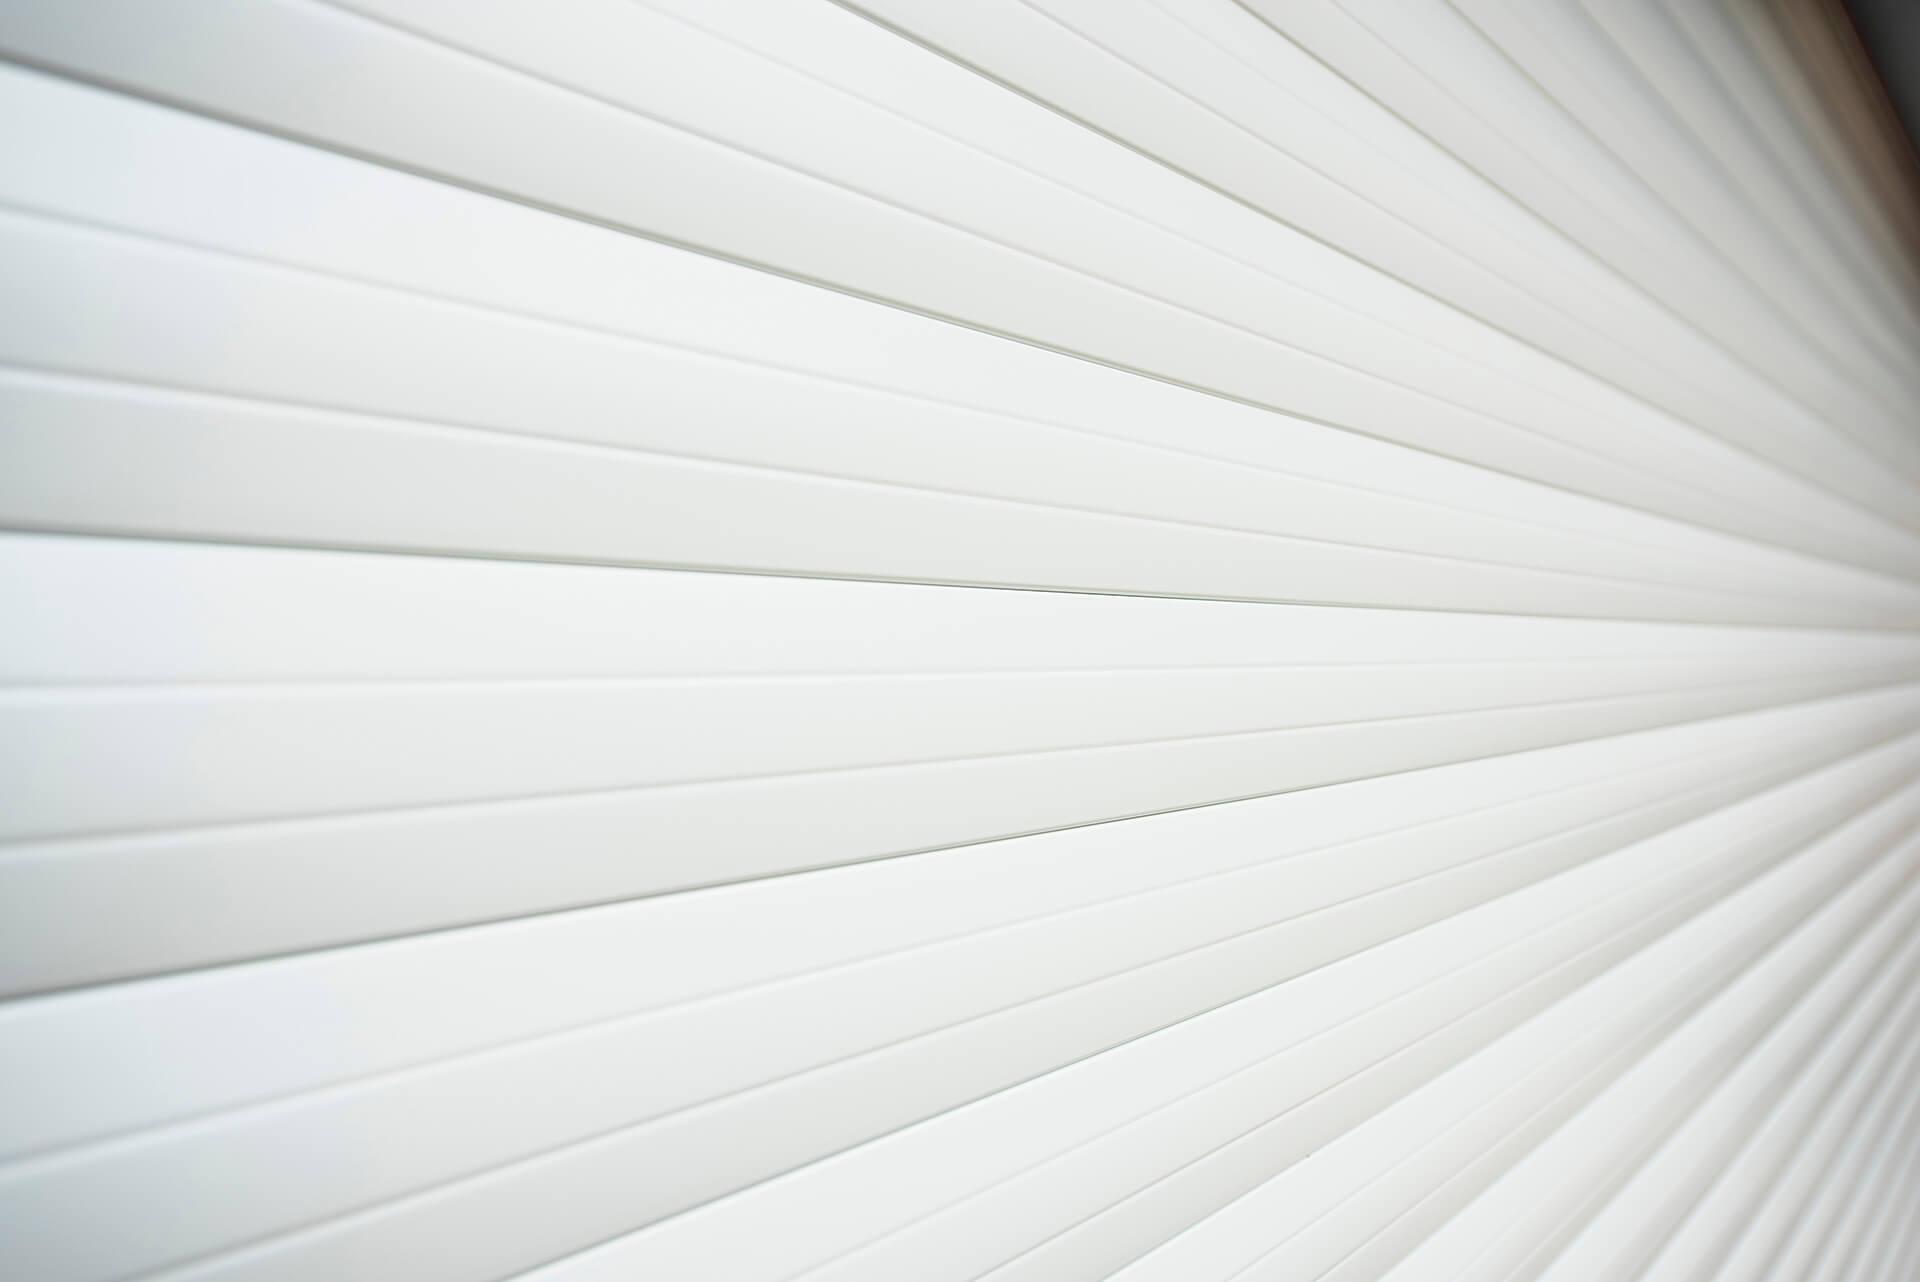 white garage door texture. Electric Double Garage Doors. Test One. White Door Texture